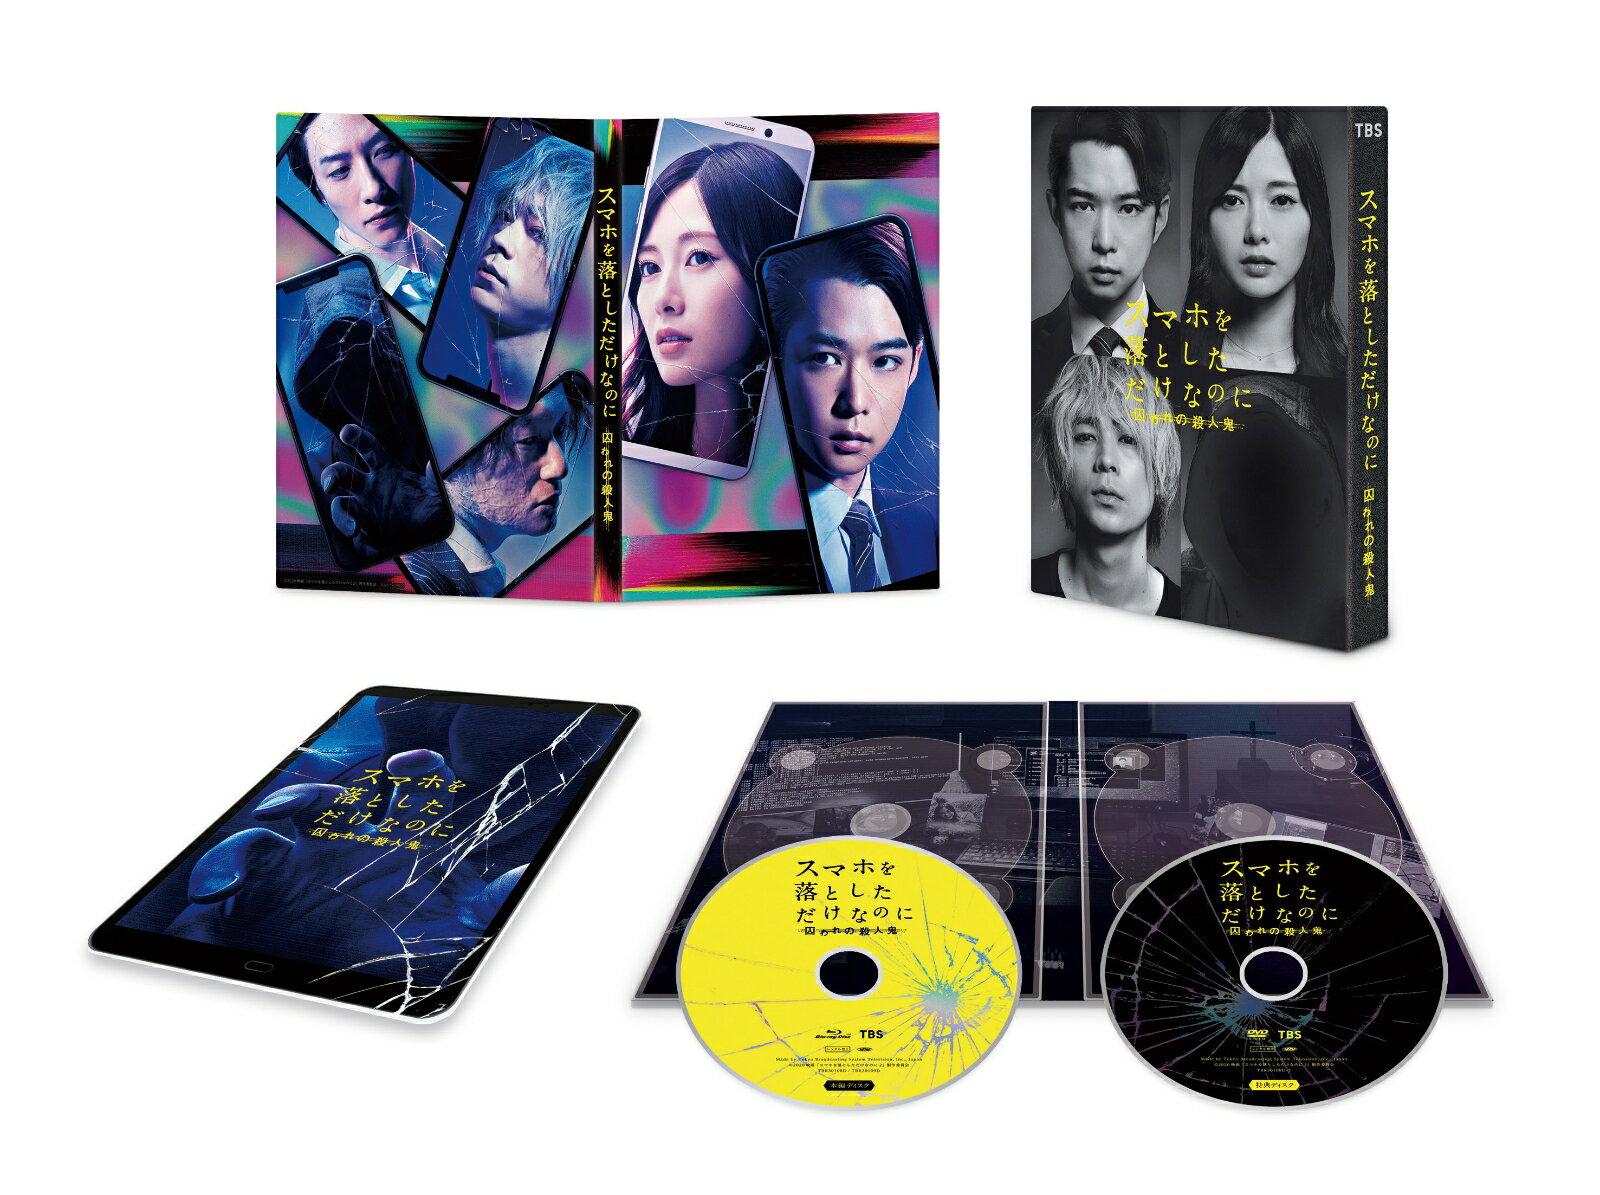 スマホを落としただけなのに 囚われの殺人鬼 Blu-ray 豪華版(特典DVD 付2 枚組)【Blu-ray】